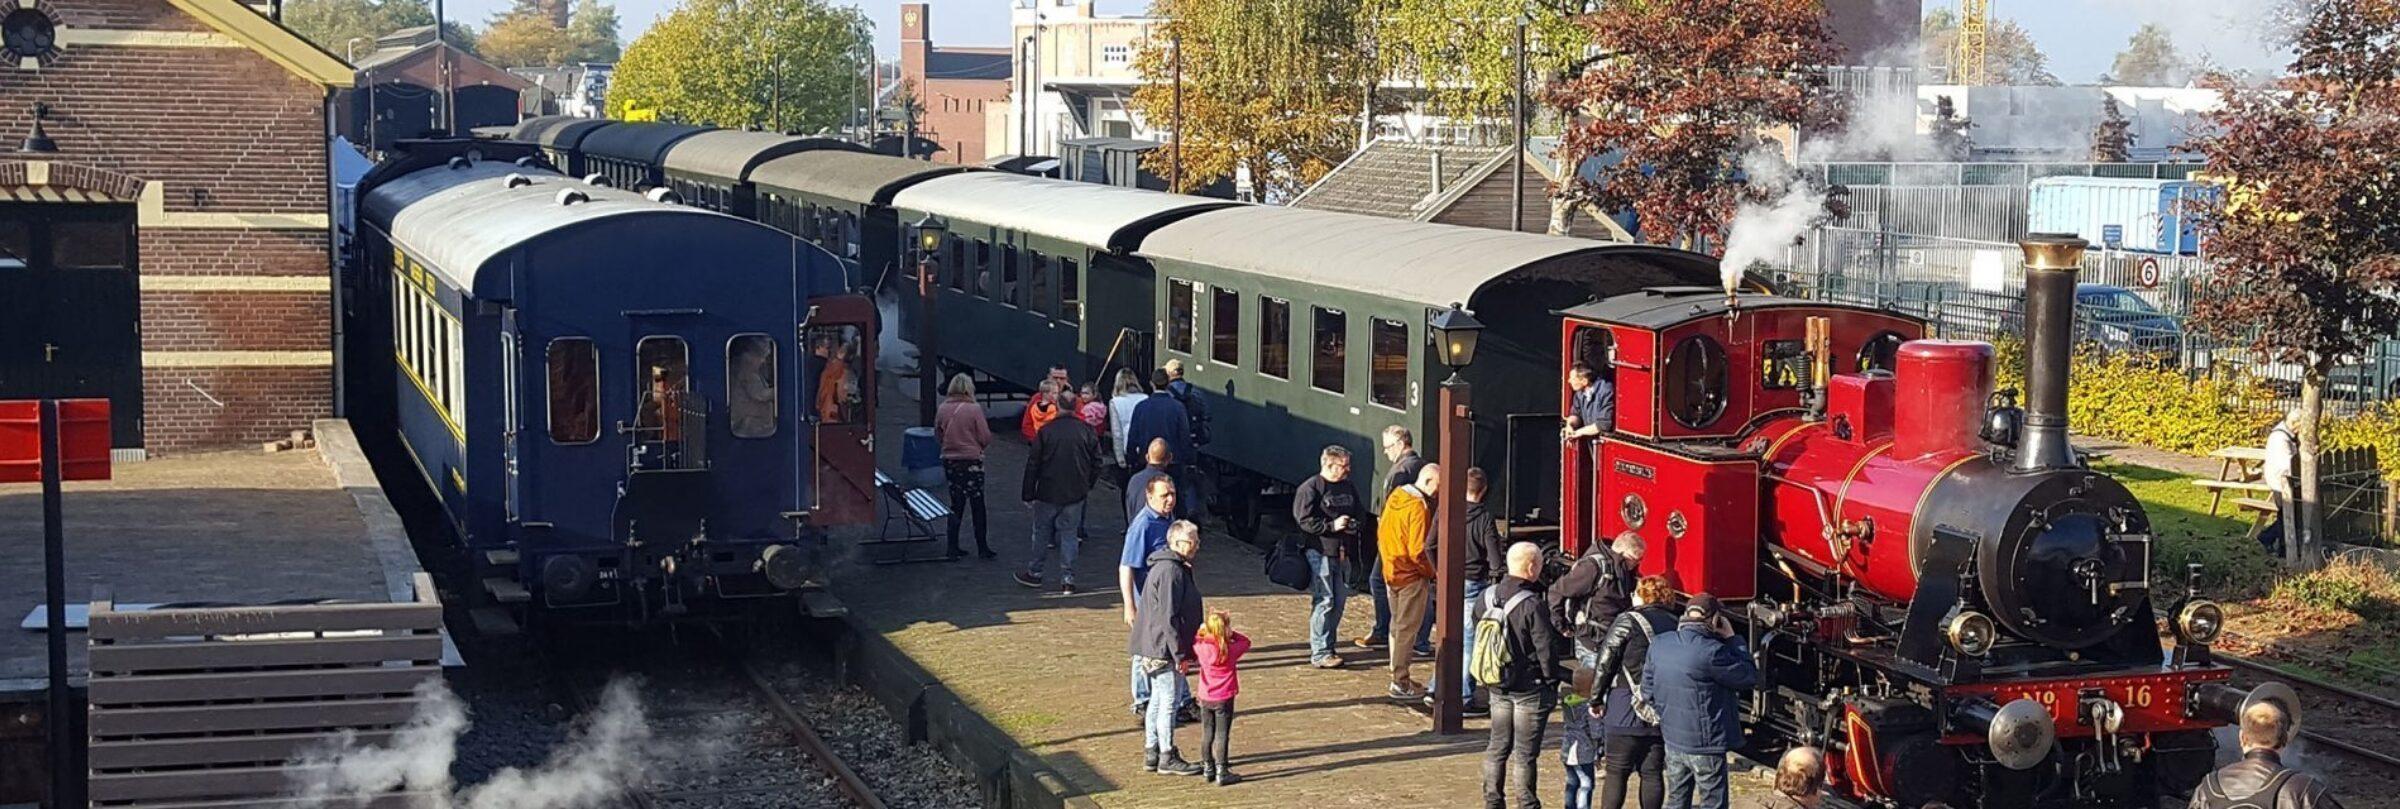 Museum Buurtspoorweg Enschede